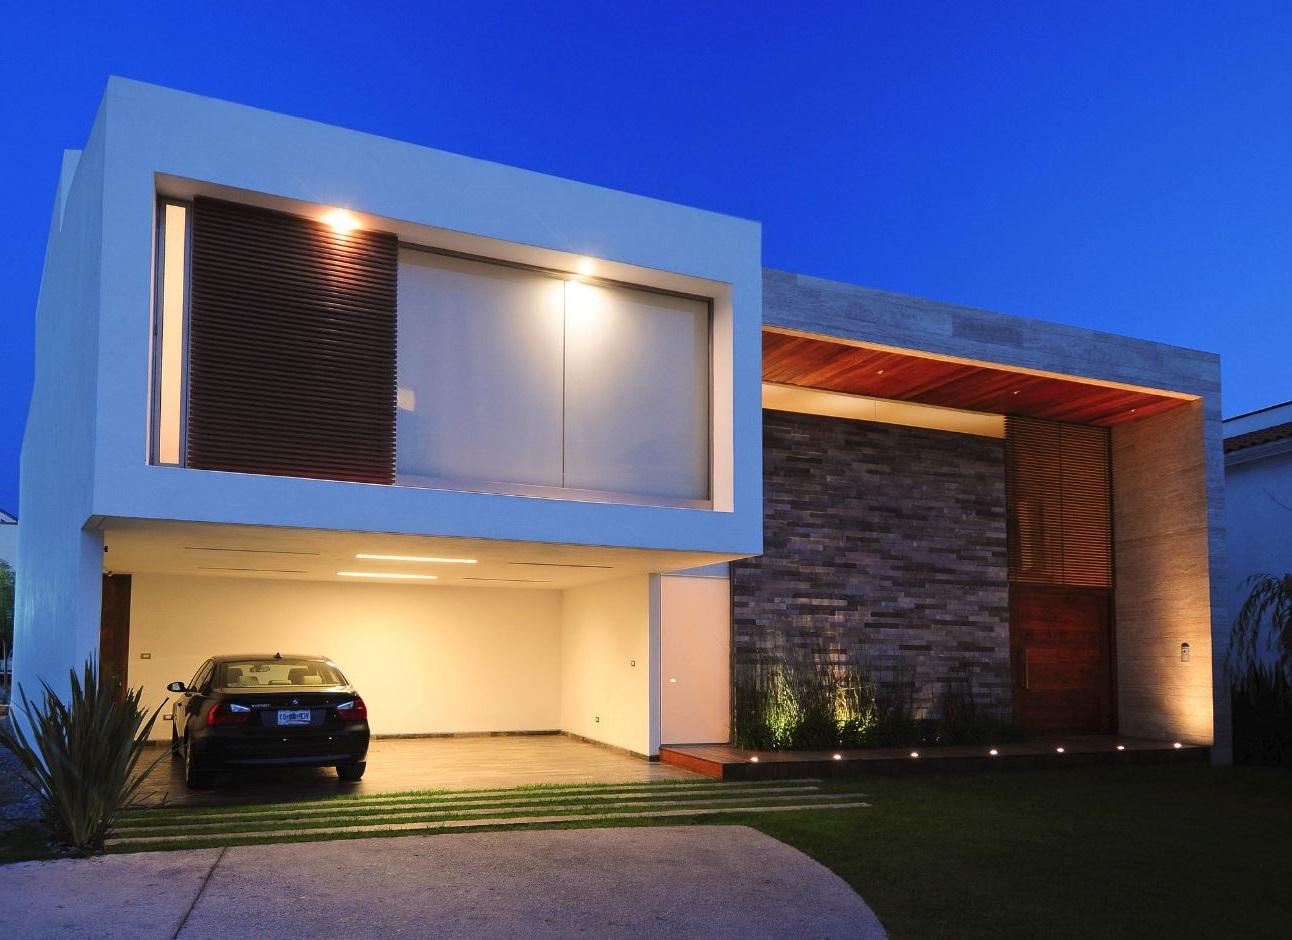 Fachada moderna minimalista for Diseno de fachadas minimalistas